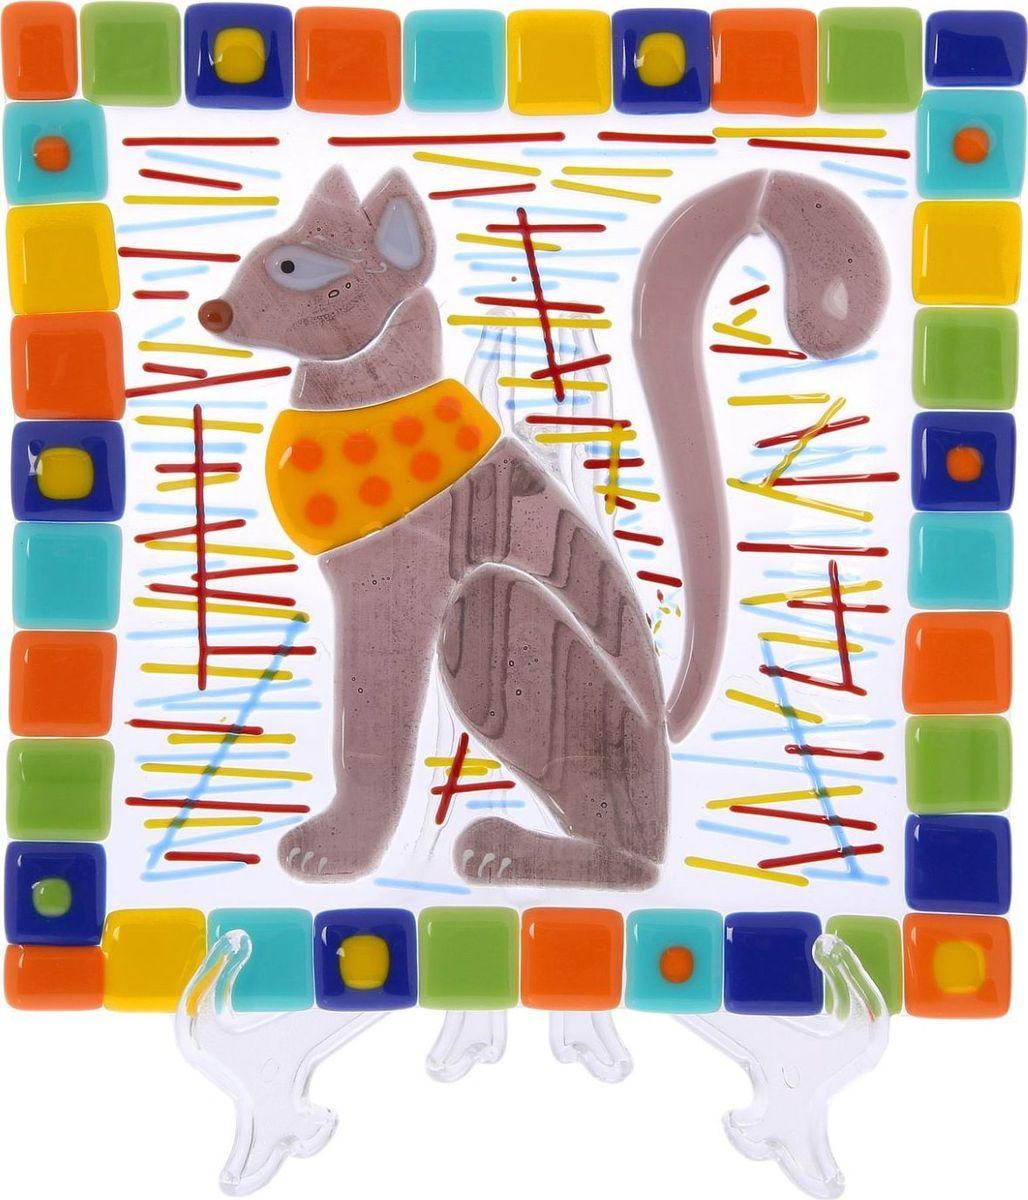 Тарелка Декостек Египетская кошка, 21 см. 226175754 009312Оригинальная посуда — свидетельство особого отношения хозяев дома к гостям. Изделия изготовлены необычным образом: несколько видов стекла спекаются в печи при температуре около 800 градусов. В результате этого получается уникальный продукт, по внешнему виду сходный с витражом. Стекло, полученное с помощью фьюзинга, отличают особенная прозрачность и глубина цвета, оно сохраняет оттенок и не подвержено старению.Особенности предмета:тщательная обработка рельефа поверхности;высококачественный узор;высокая прочность – изделия можно мыть в посудомоечной машине.Такой предмет станет прекрасным подарком по любому случаю. В комплект входит подставка и декоративная коробка.